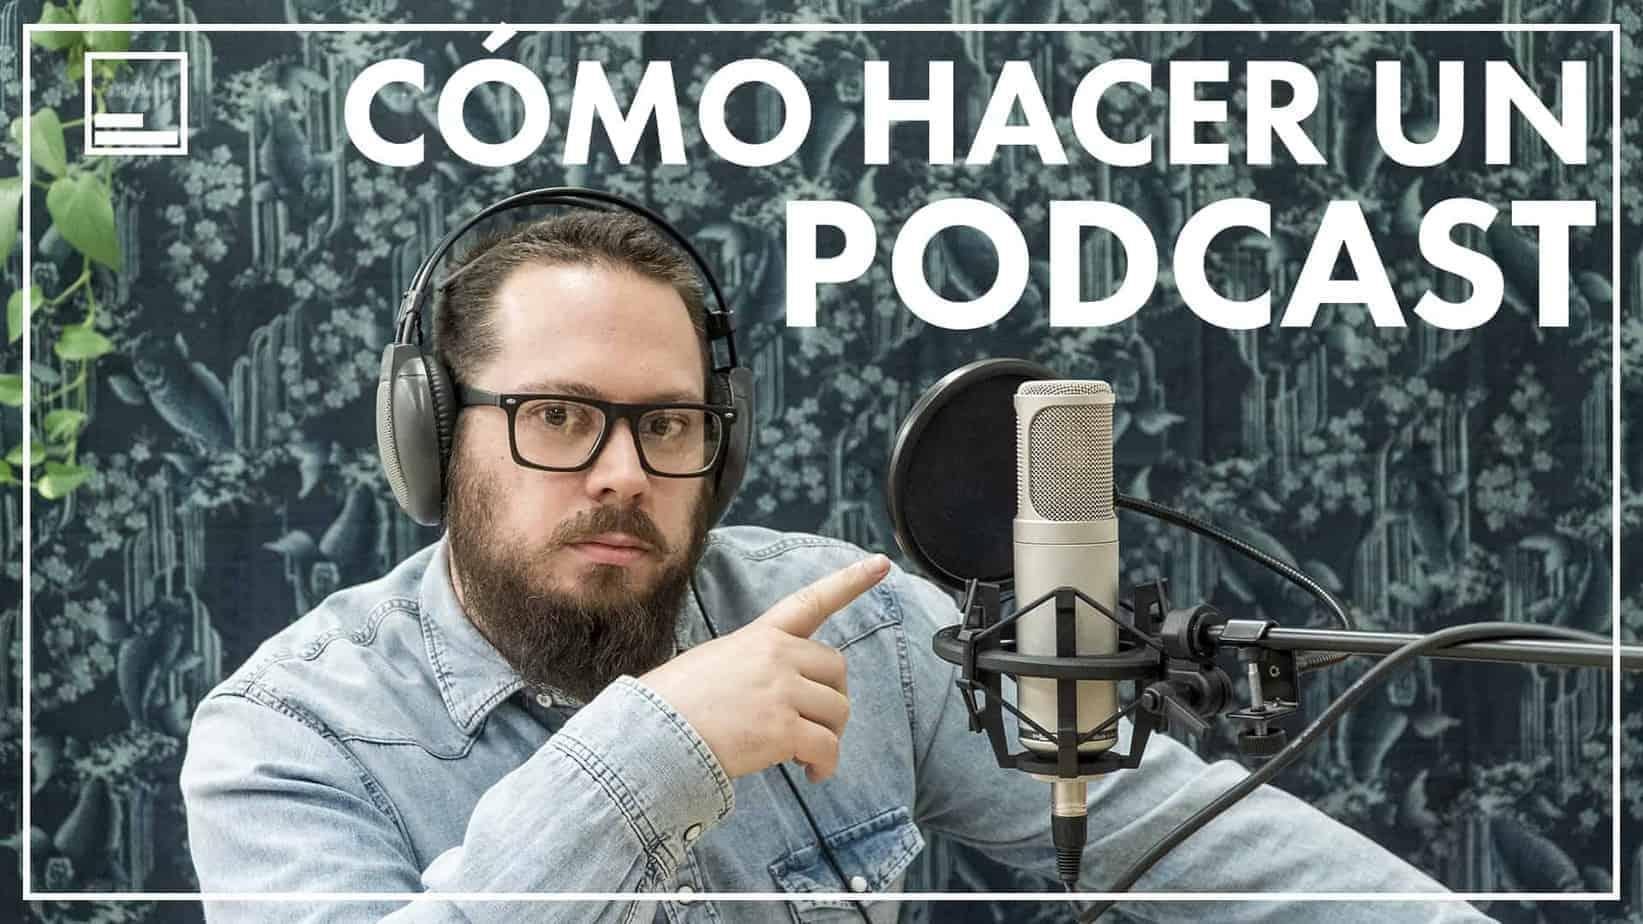 Cómo hacer un Podcast, Masterclass por Carlcaesar